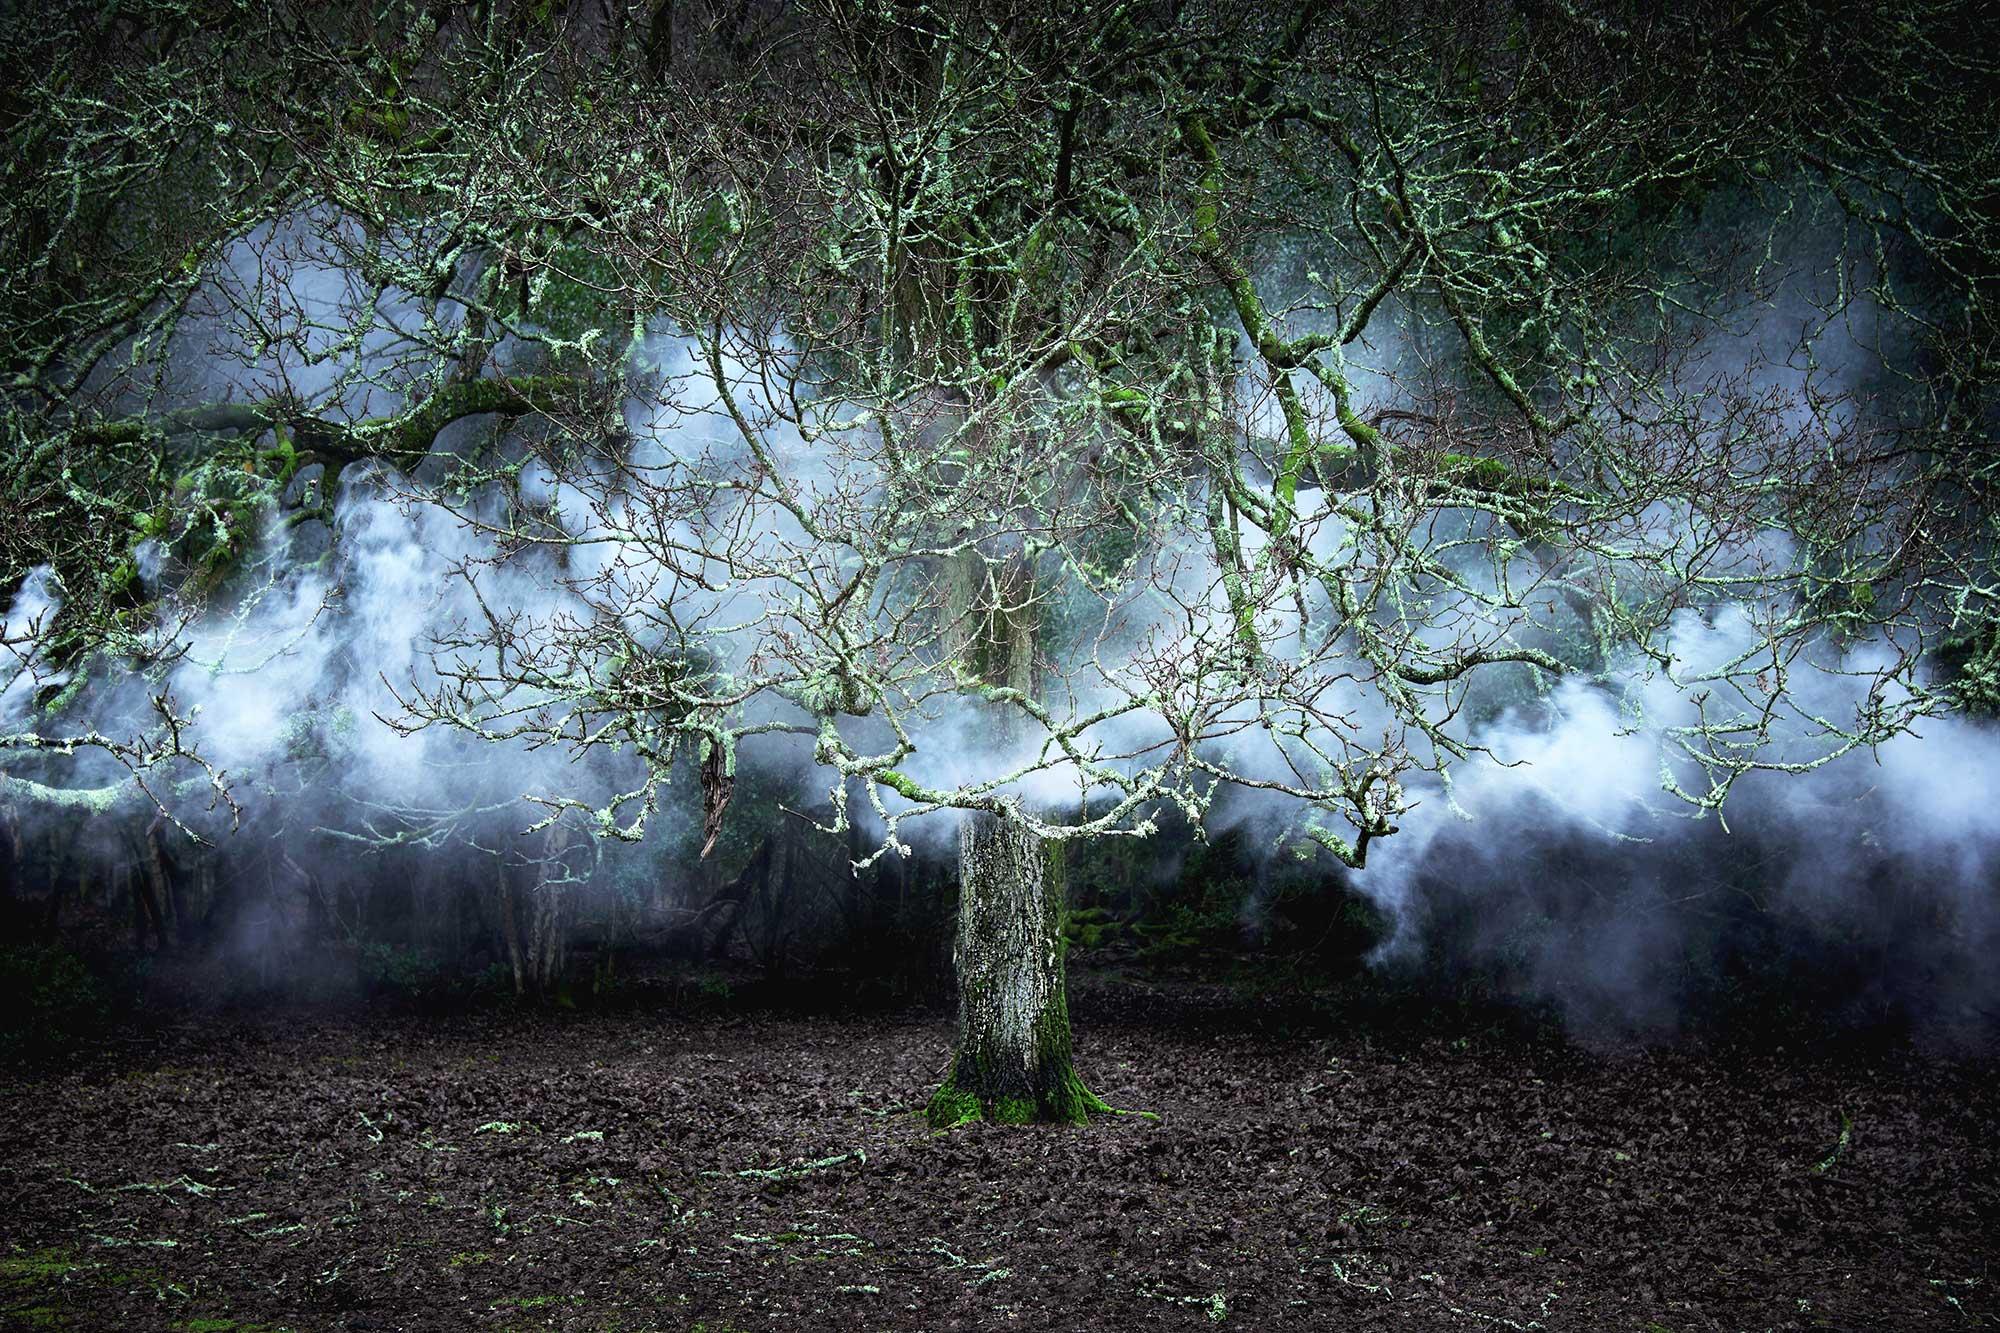 Between-the-Trees-11-2014.jpg